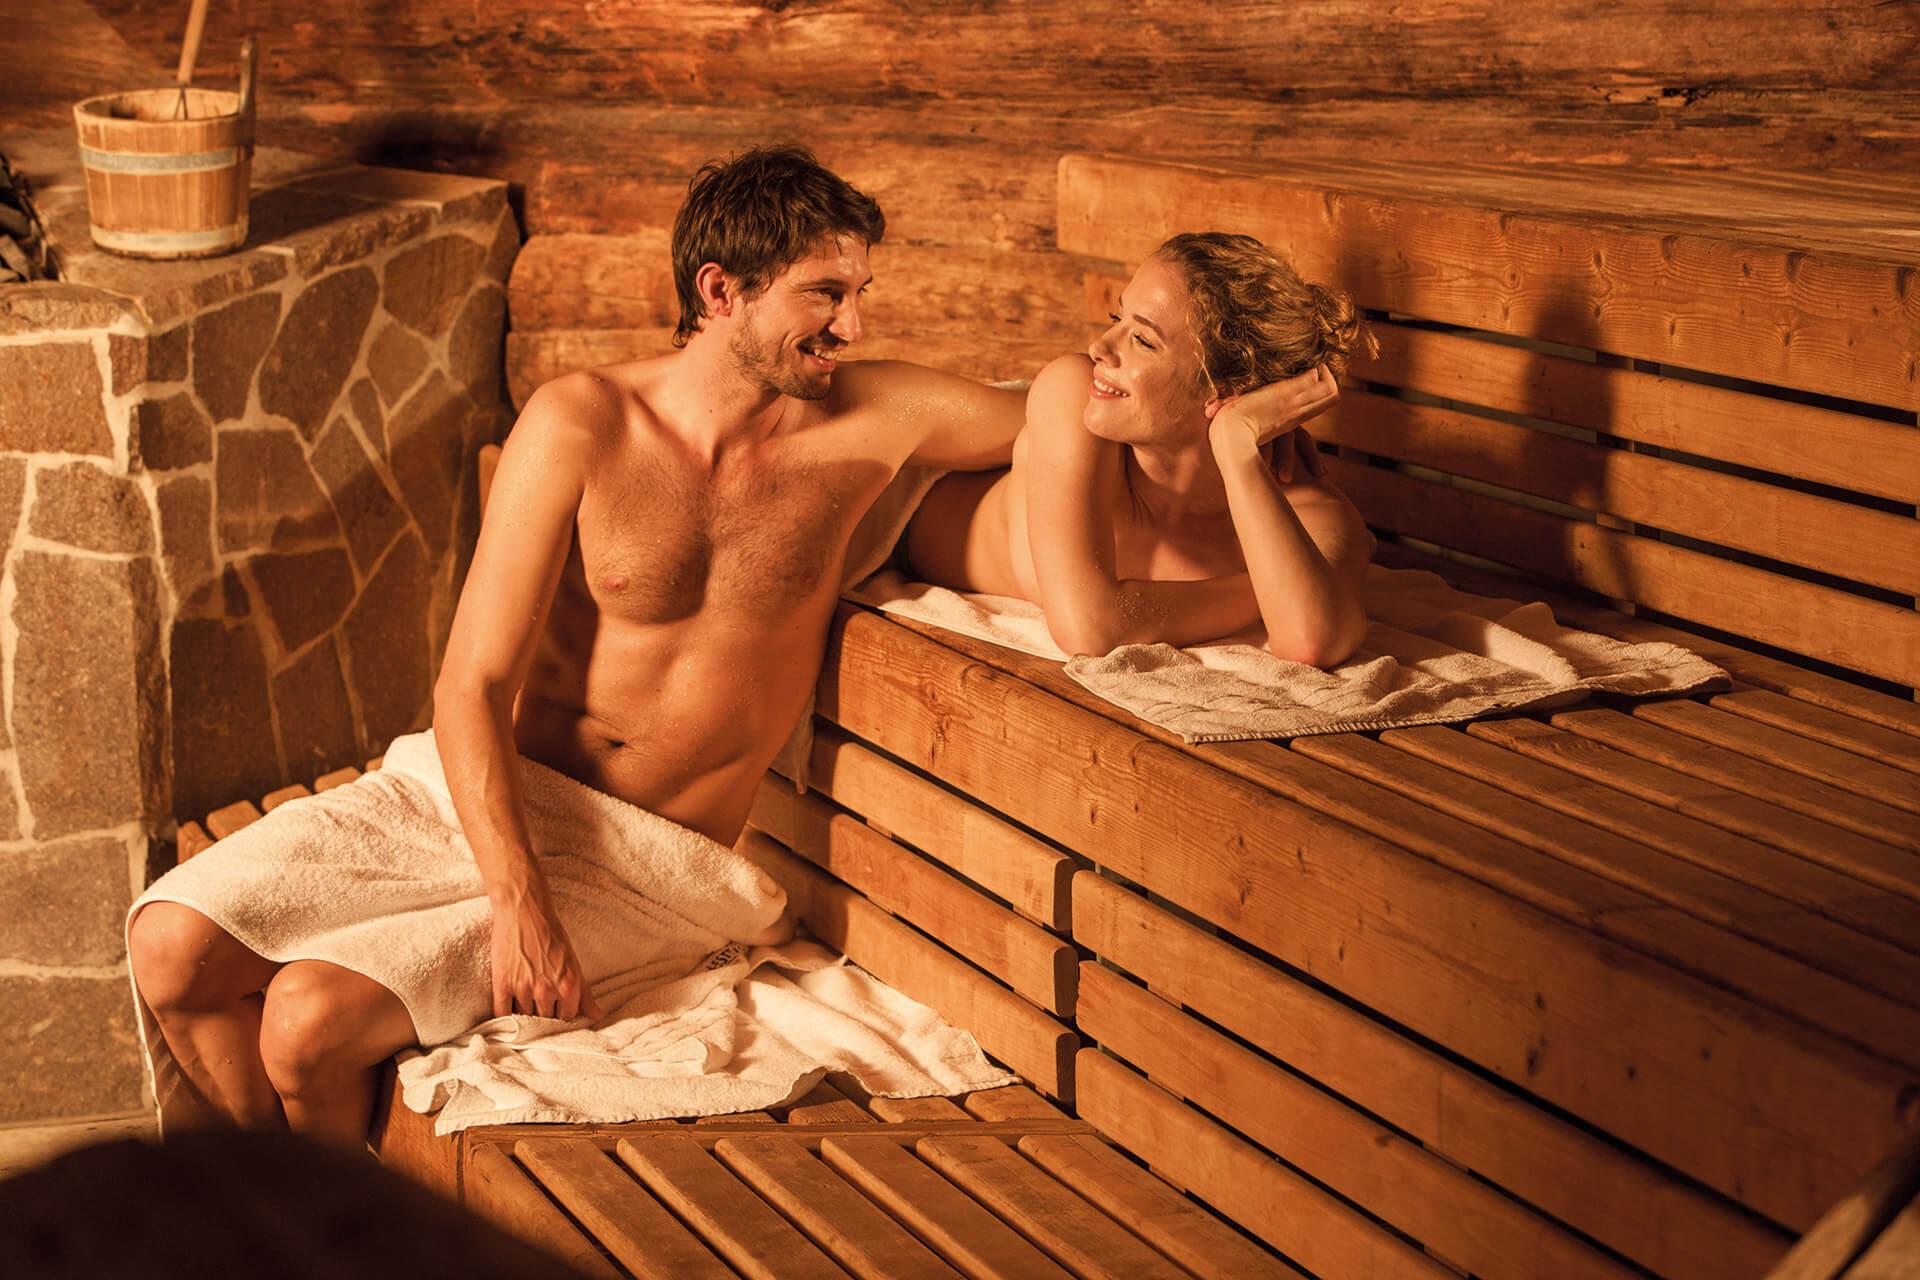 Смотреть онлайн с мамой в бане, В бане с мамой - 62 видео. Смотреть в бане с мамой 19 фотография